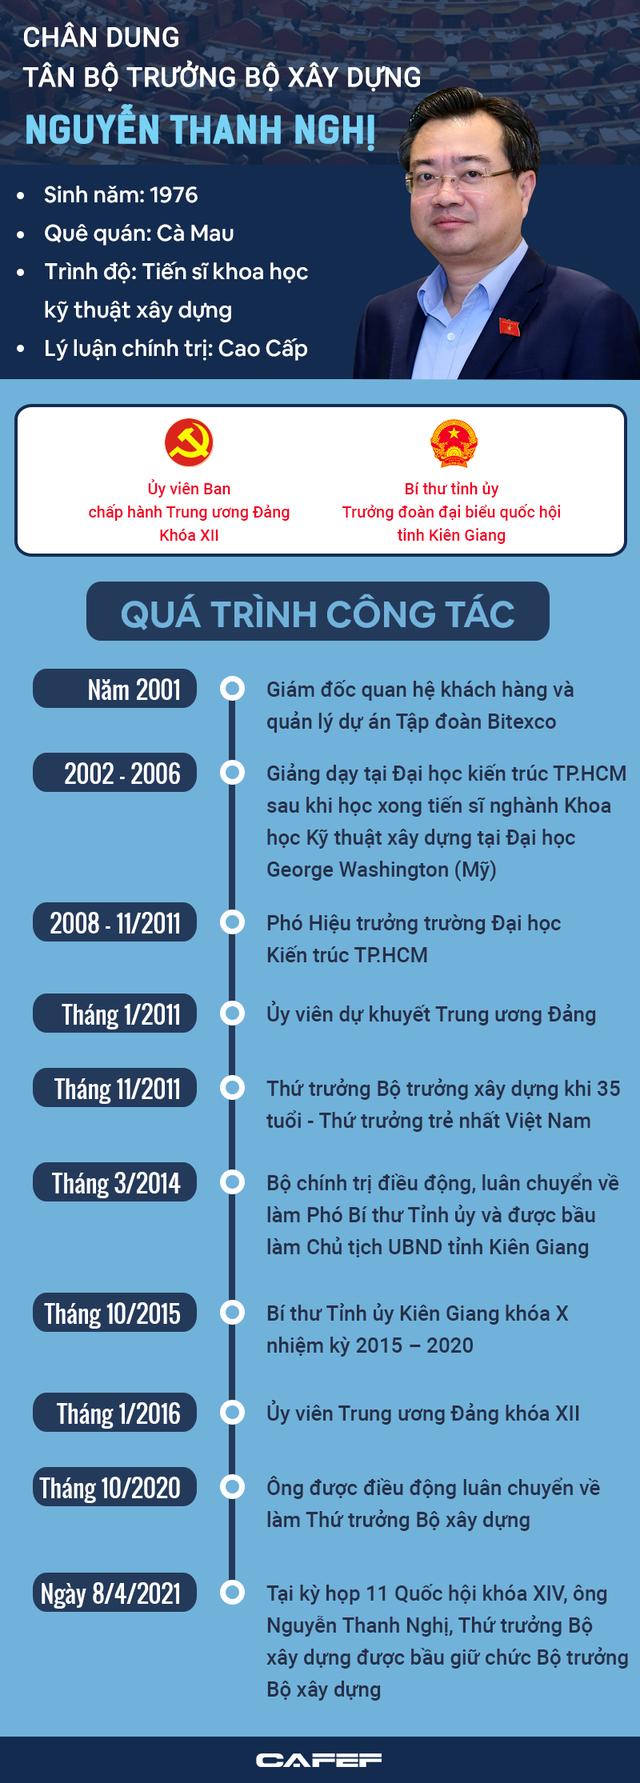 INFOGRAPHIC: Hành trình trở thành Bộ trưởng trẻ nhất của ông Nguyễn Thanh Nghị - Ảnh 1.